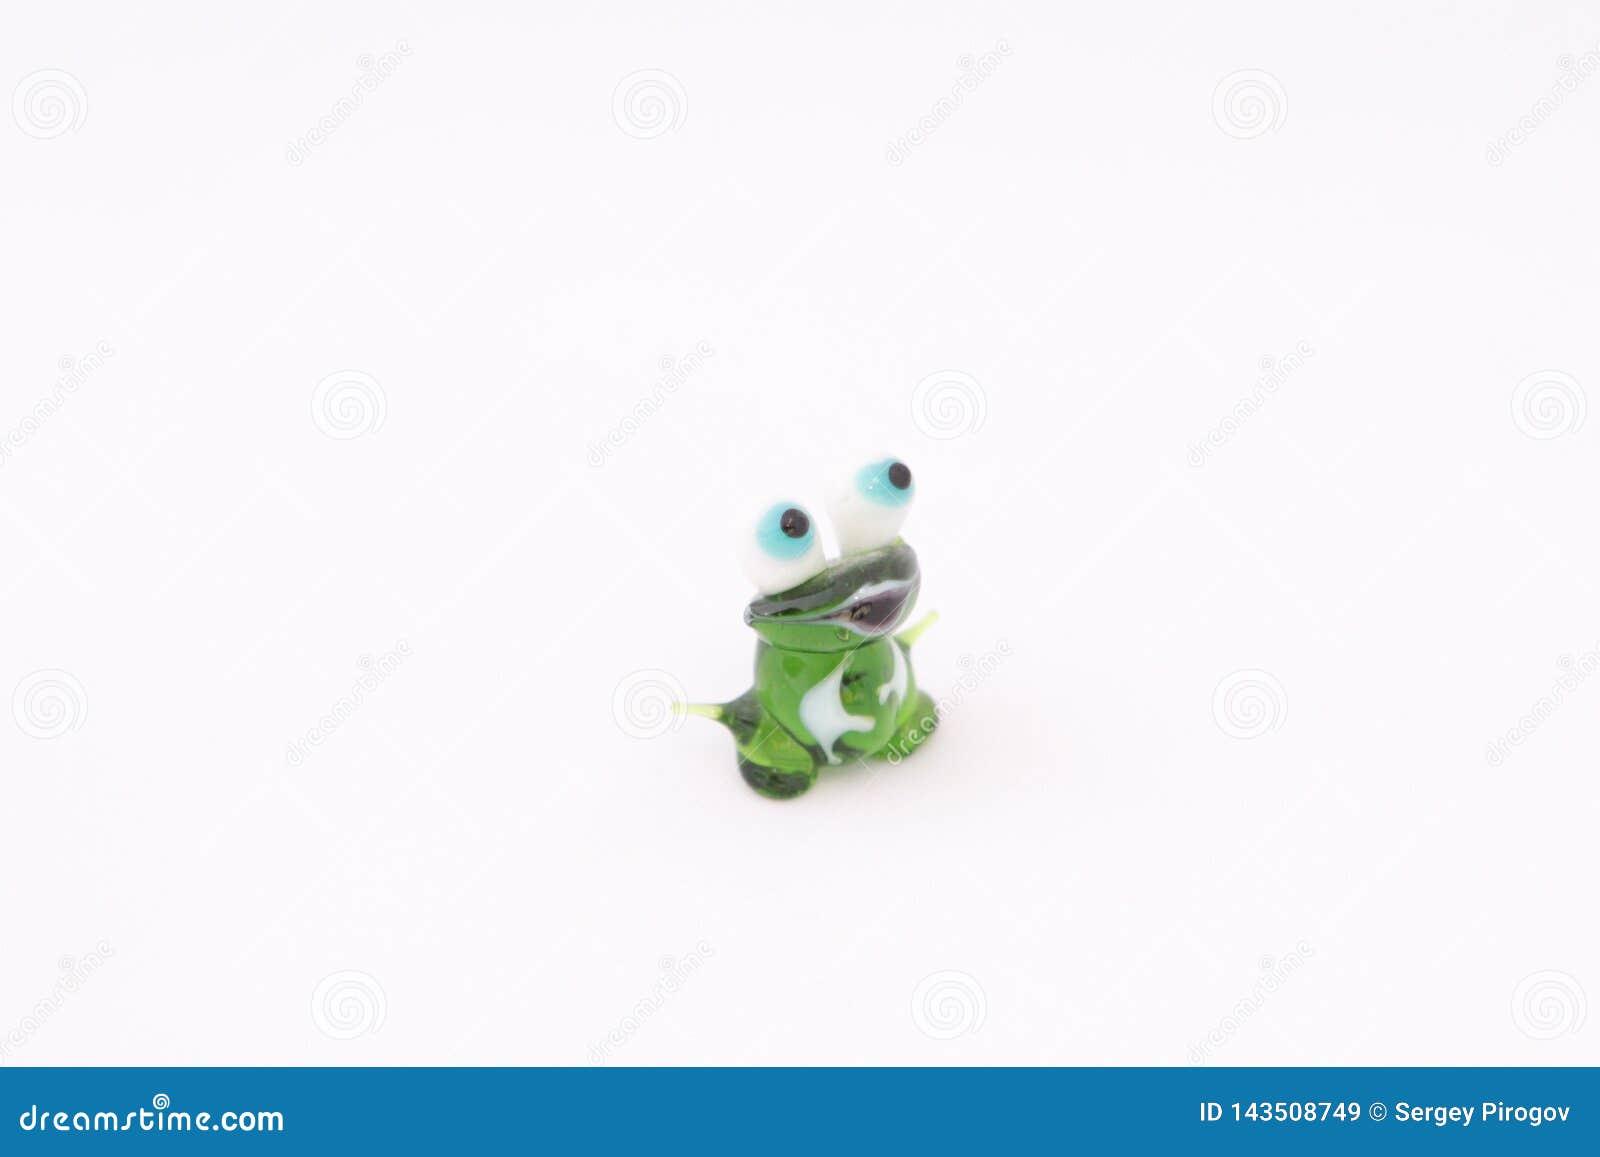 фигурка лягушки из стекла